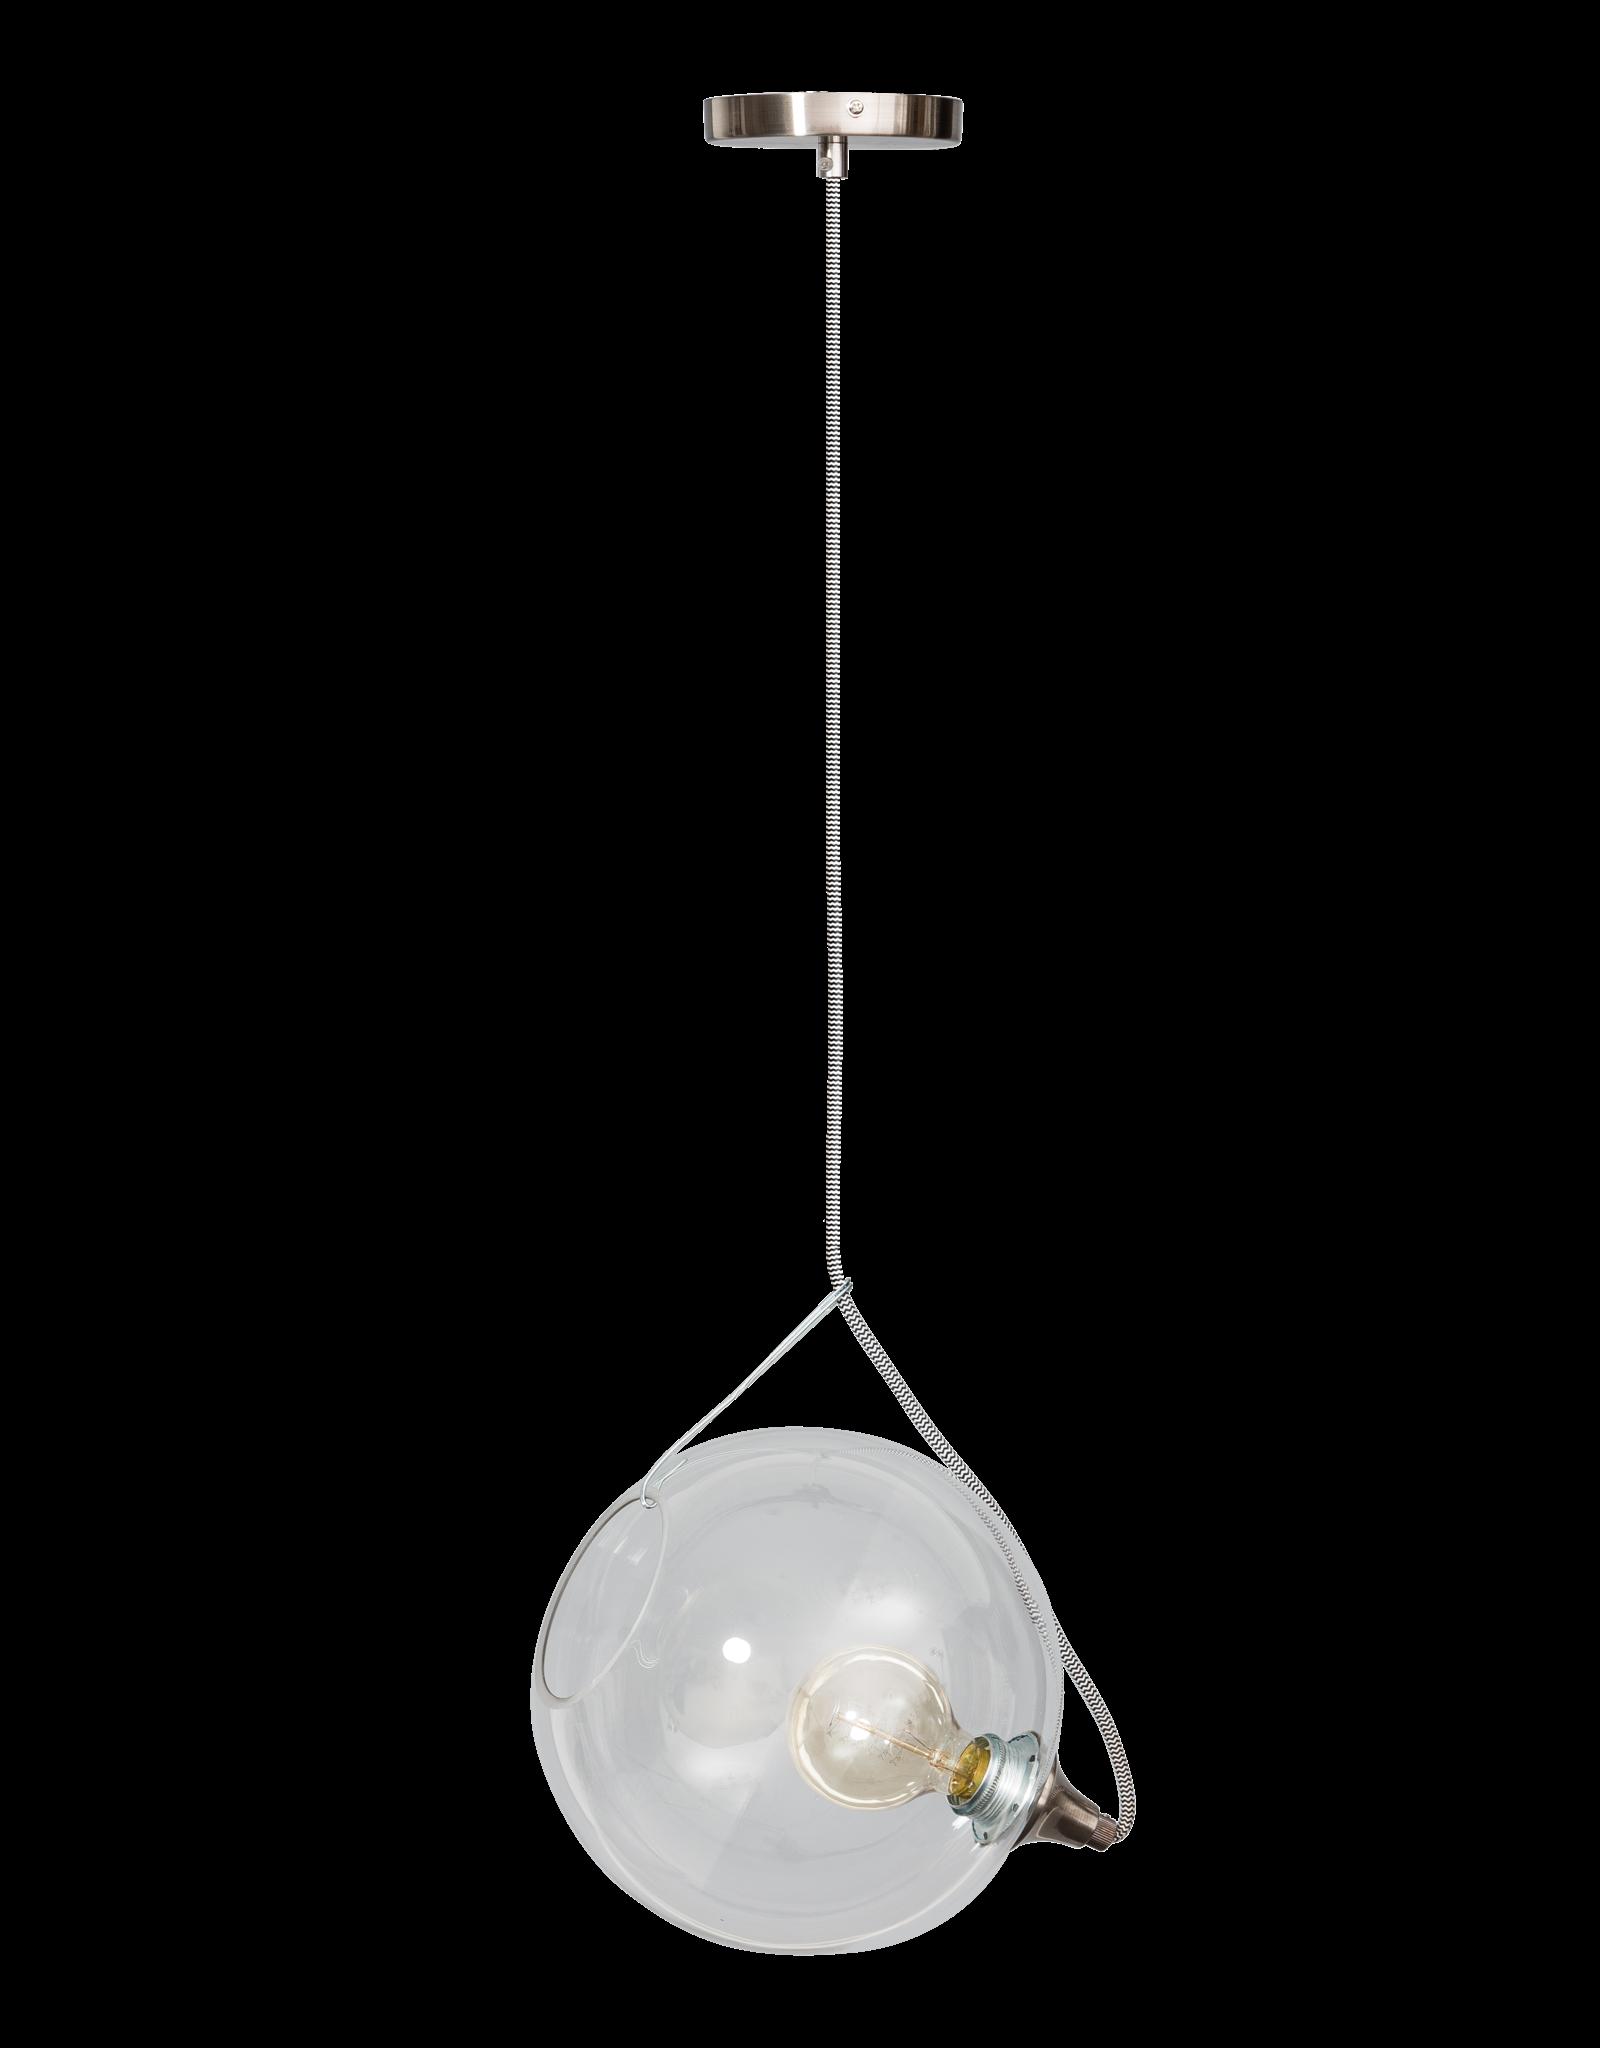 Calvello hanglamp 30cm 1x E27 helder